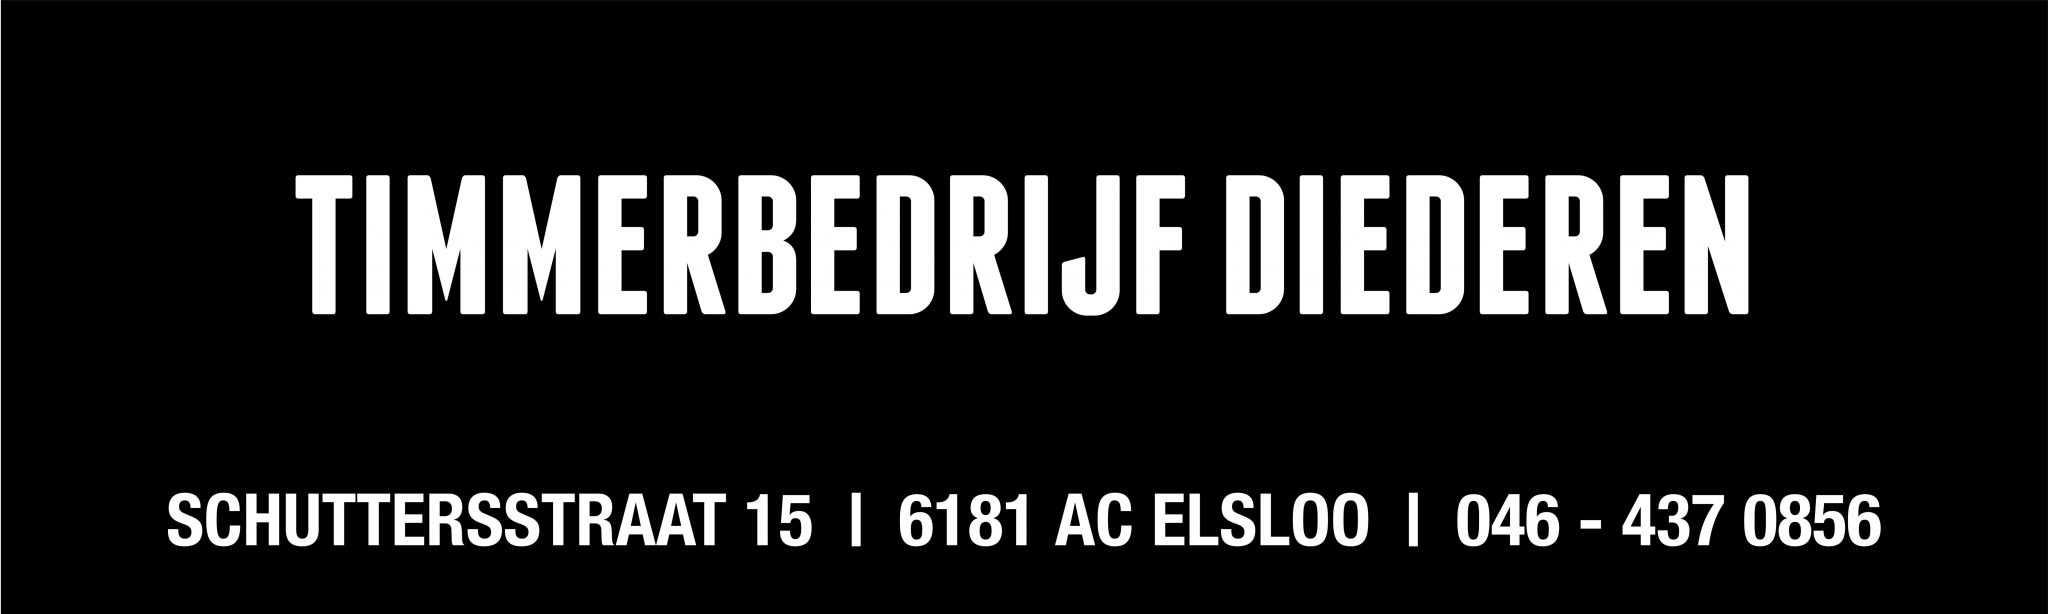 Timmerbedrijf Diederen-001-001